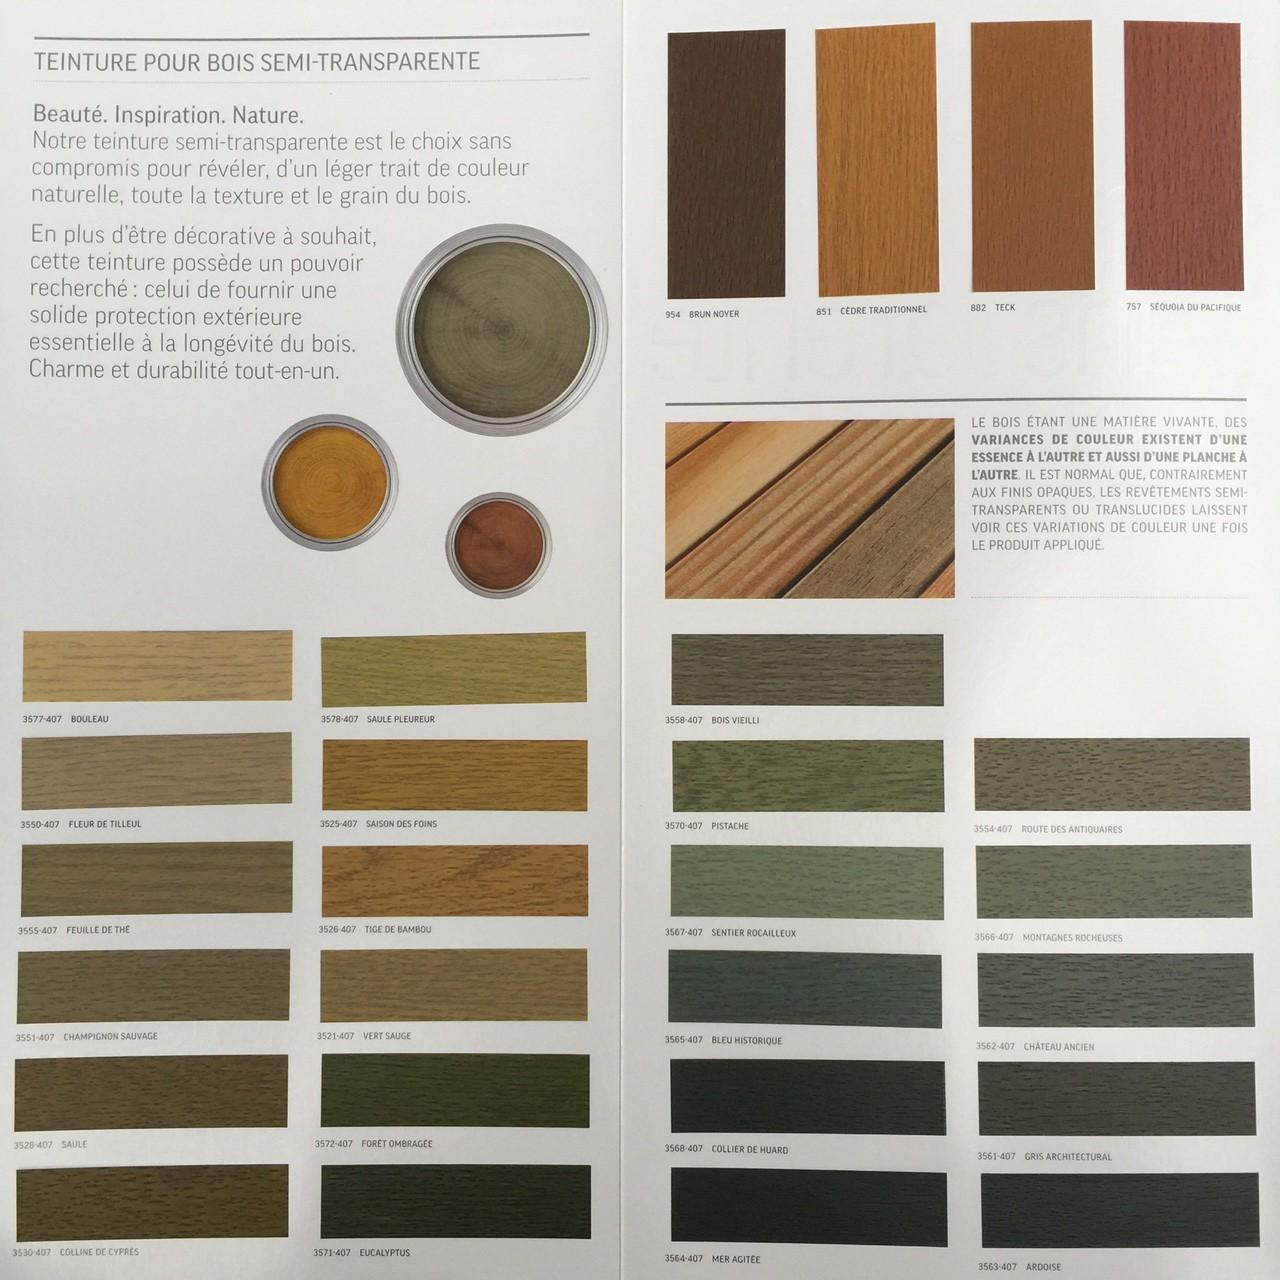 vente teinture l huile pour patio bois trait et c dre patio bois trait. Black Bedroom Furniture Sets. Home Design Ideas